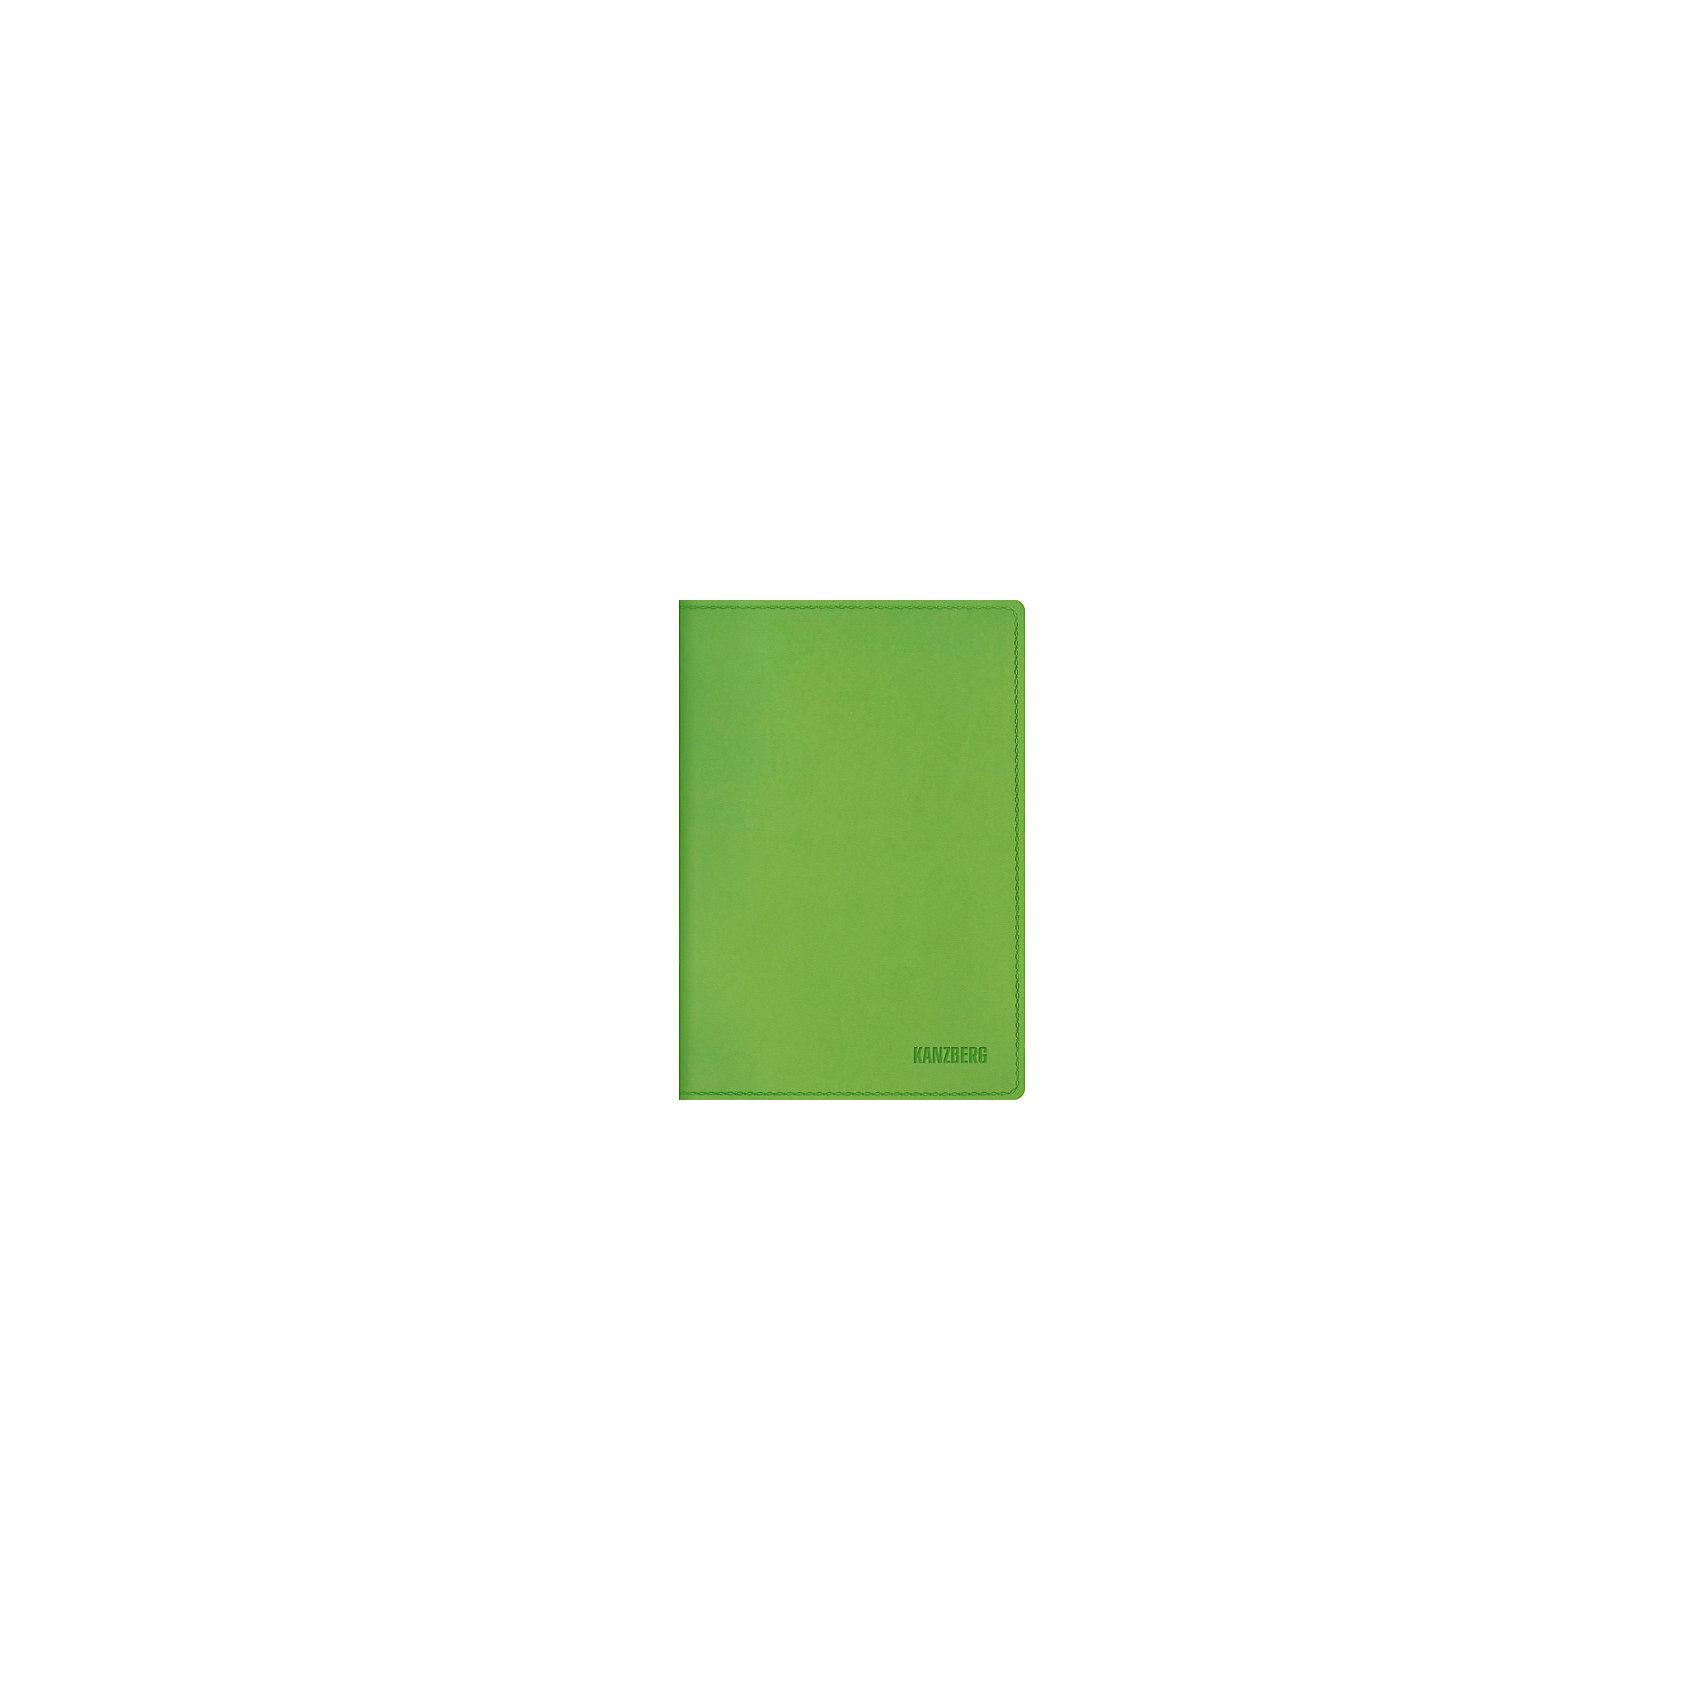 Ежедневник салатовый А5 KANZBERG, 152 лБумажная продукция<br>Ежедневник KANZBERG с яркой обложкой из искусственной кожи поможет сохранить все важные записи и заметки. Имеет разлинованные страницы с полем для даты и дня недели, ляссе. Прекрасно подойдет для школьников!<br><br>Дополнительная информация:<br>Цвет: салатовый<br>Формат: А5<br>Количество листов: 152<br>Обложка: искусственная кожа<br>Есть ляссе<br>Закругленные уголки<br>Термотиснение<br>Переплет: интегральный<br>Ежедневник KANZBERG можно купить в нашем интернет-магазине<br><br>Ширина мм: 210<br>Глубина мм: 148<br>Высота мм: 20<br>Вес г: 406<br>Возраст от месяцев: 144<br>Возраст до месяцев: 2147483647<br>Пол: Унисекс<br>Возраст: Детский<br>SKU: 4942451